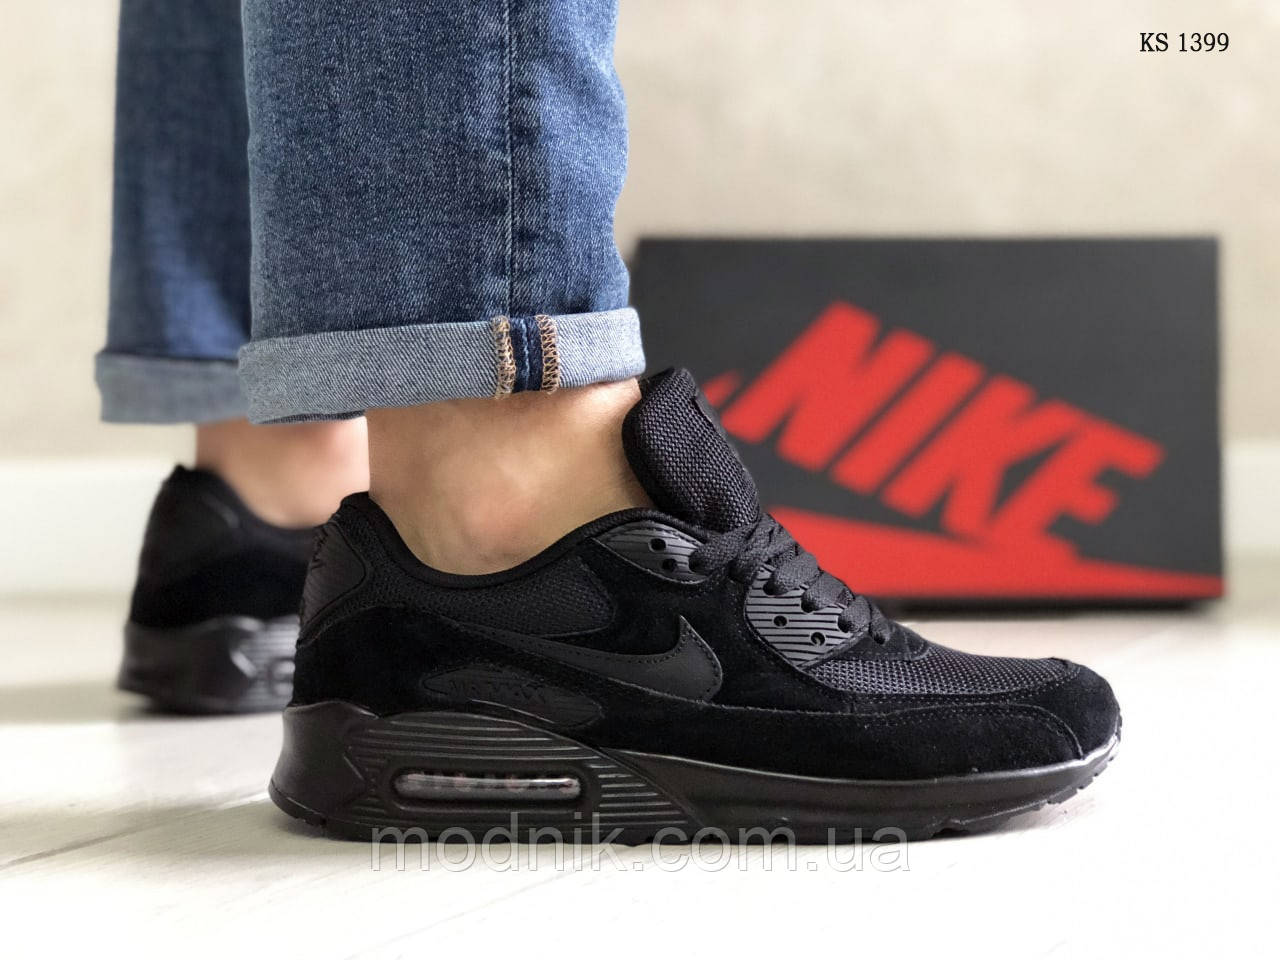 Мужские кроссовки Nike Air Max 90 (черные) KS 1399